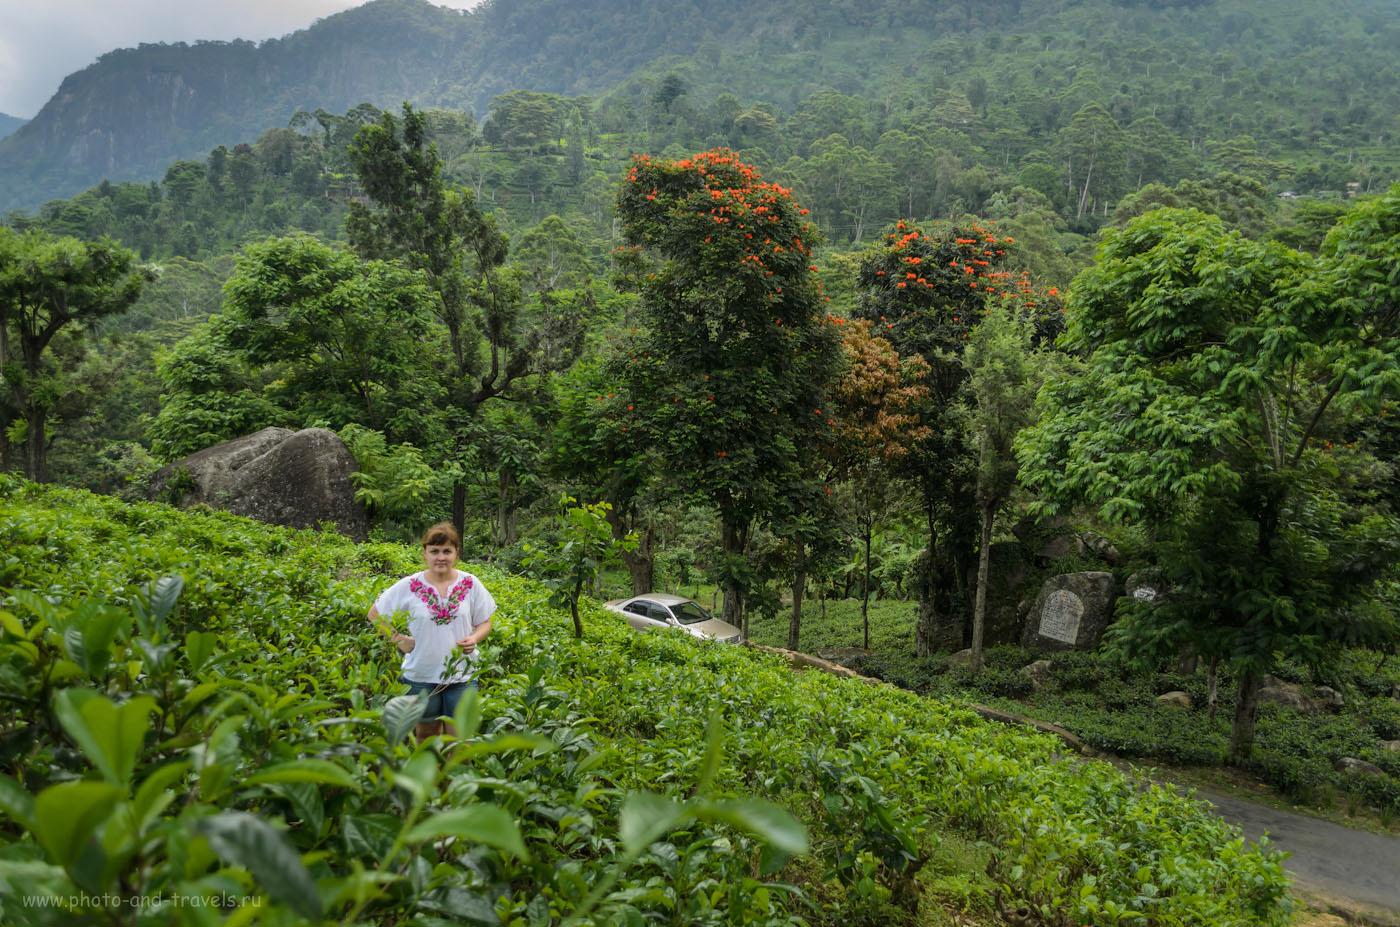 Фото 5. На чайных плантациях Шри-Ланки. Отчет о самостоятельной поездке на Пик Адама. Тур по острову на машине, взятой в аренду. Отзывы туристов.